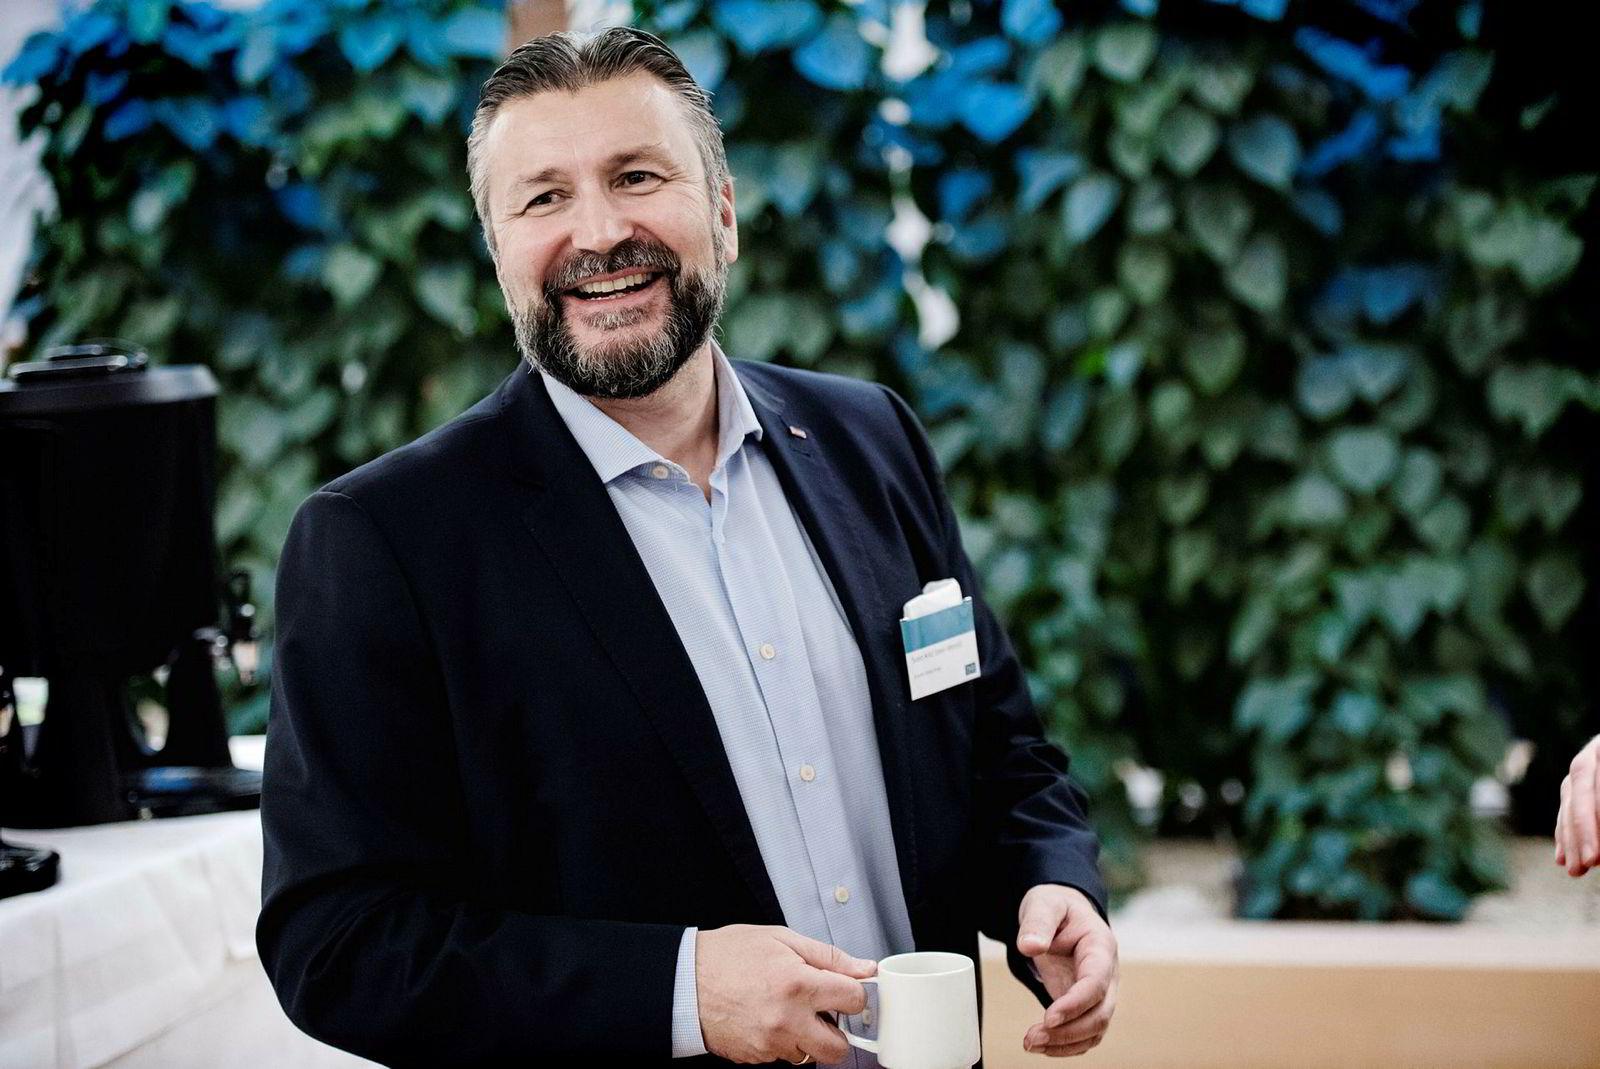 Svein Arild Steen-Mevold, direktør for Scandic Hotels Norge, mener effektivitet og enkelhet er hovedårsaken til at Gardermoen spiser en stadig større andel av det norske kurs/konferansemarkedet.